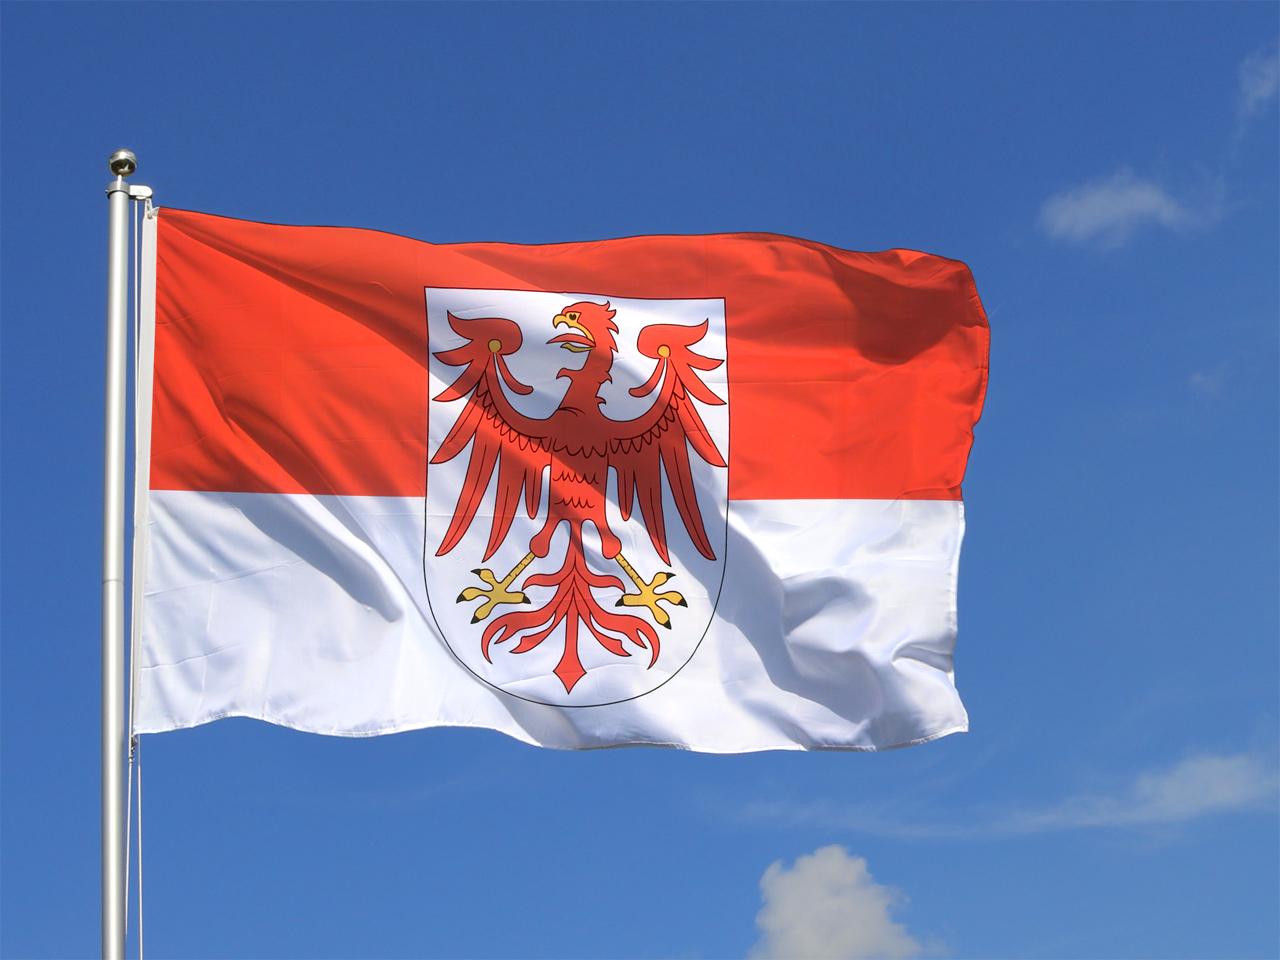 deutschland brandenburg flagge brandenburgische fahne 150x250 cm unkompliziert im shop bestellen. Black Bedroom Furniture Sets. Home Design Ideas